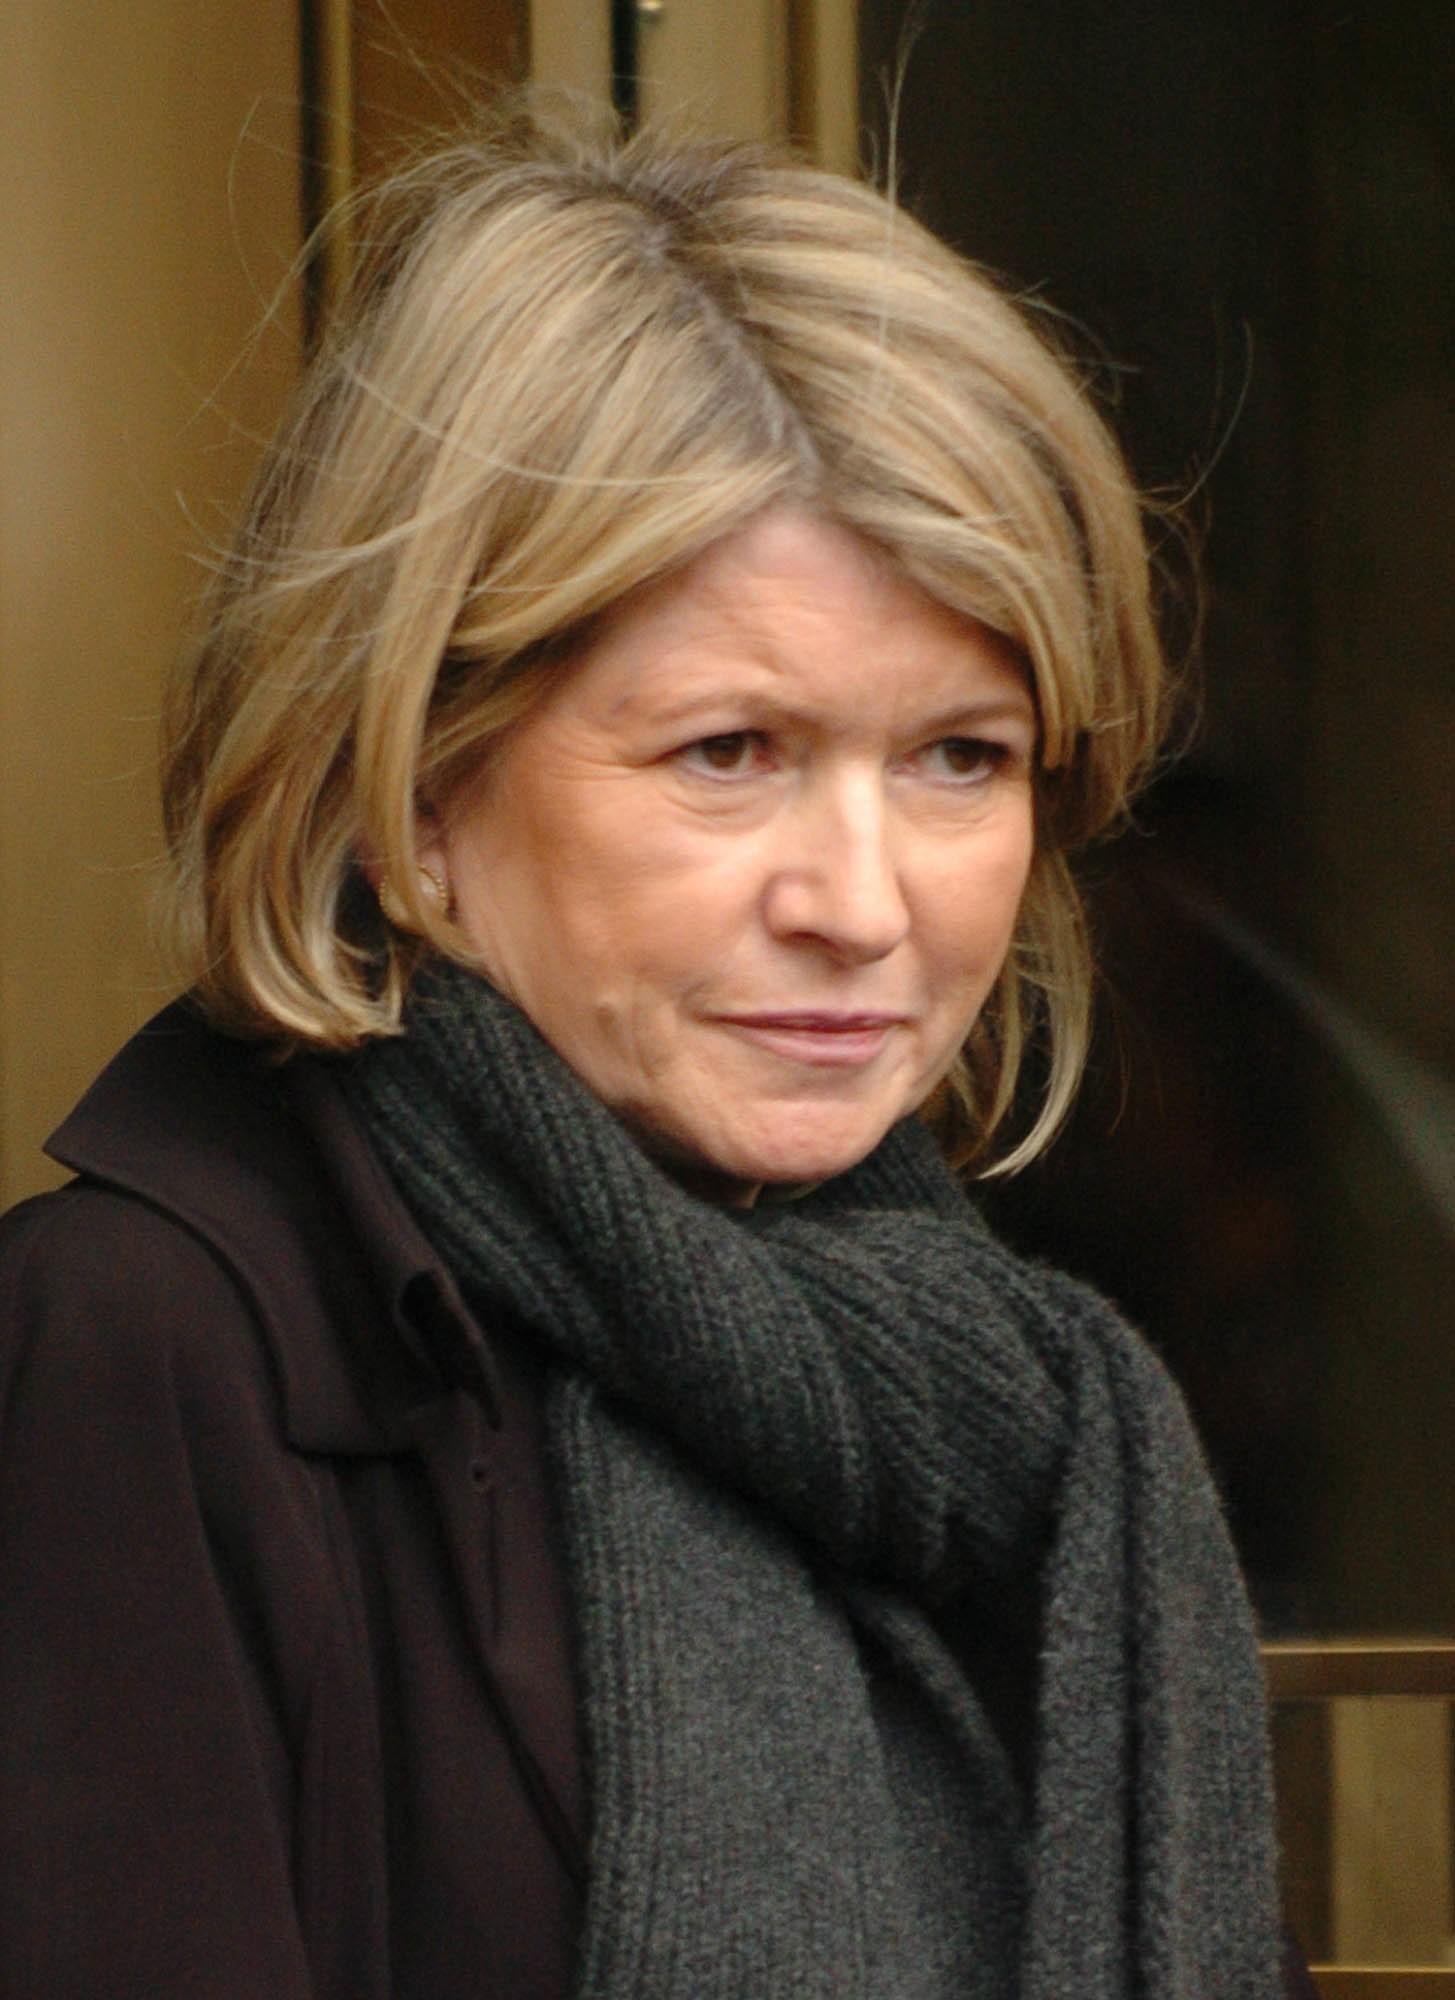 Martha Stewart served five months